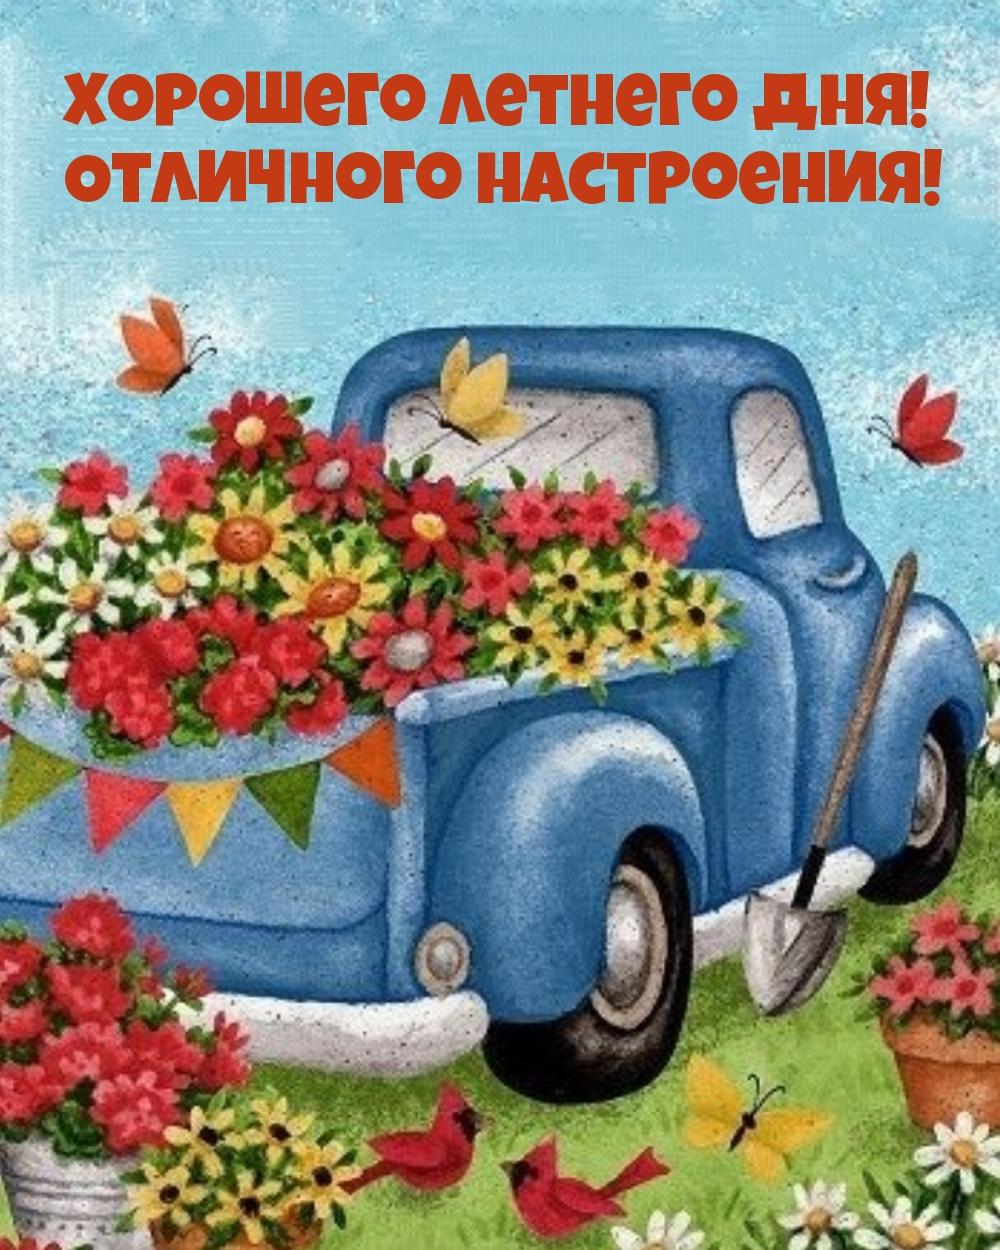 Хорошего летнего дня! Отличного настроения!